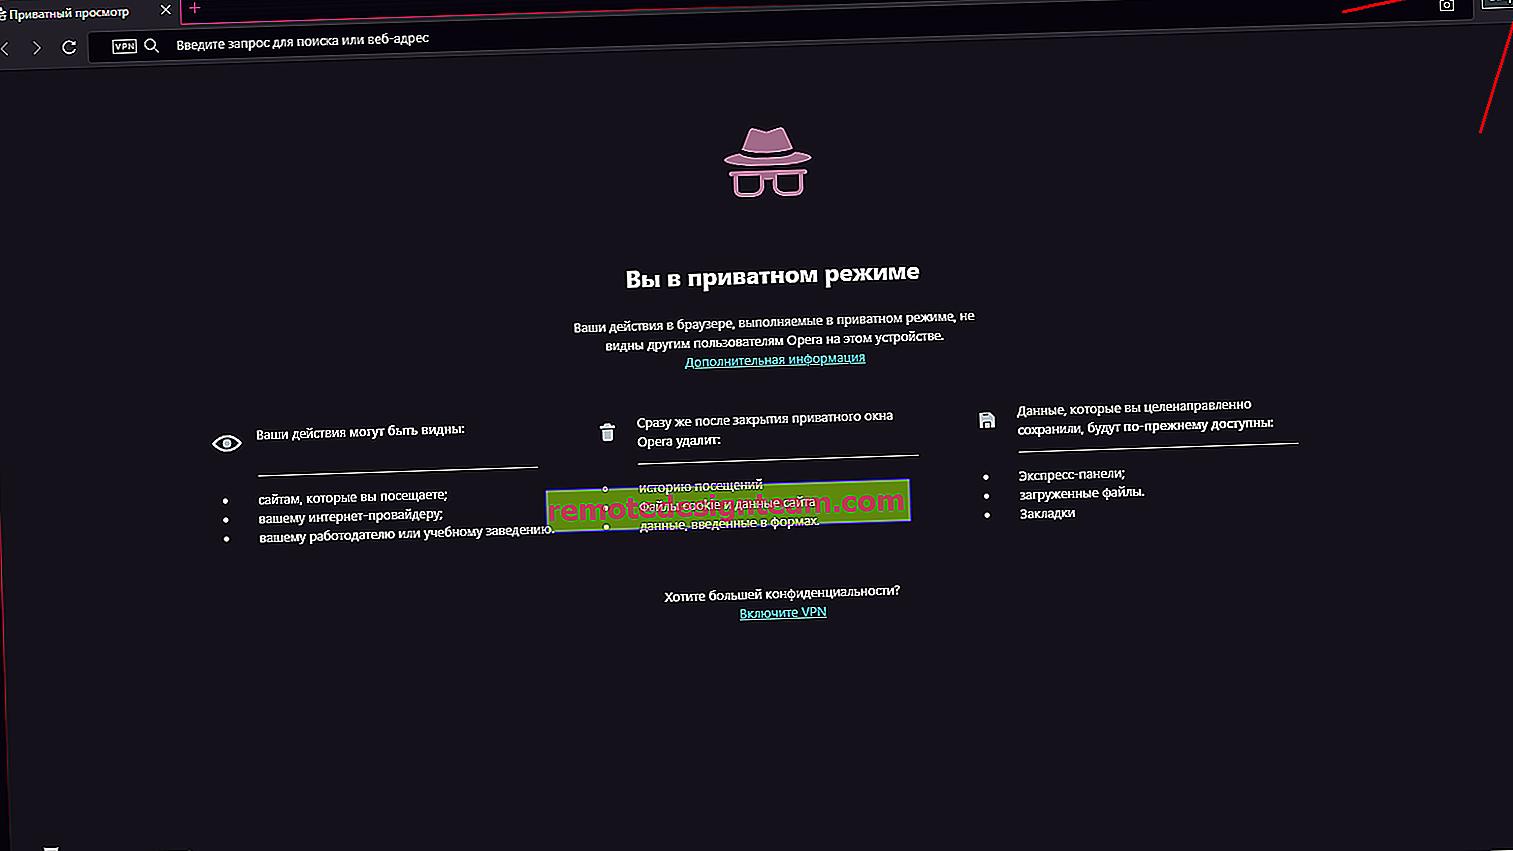 Режим інкогніто в браузері Opera, або як відкрити конфіденційне вікно?